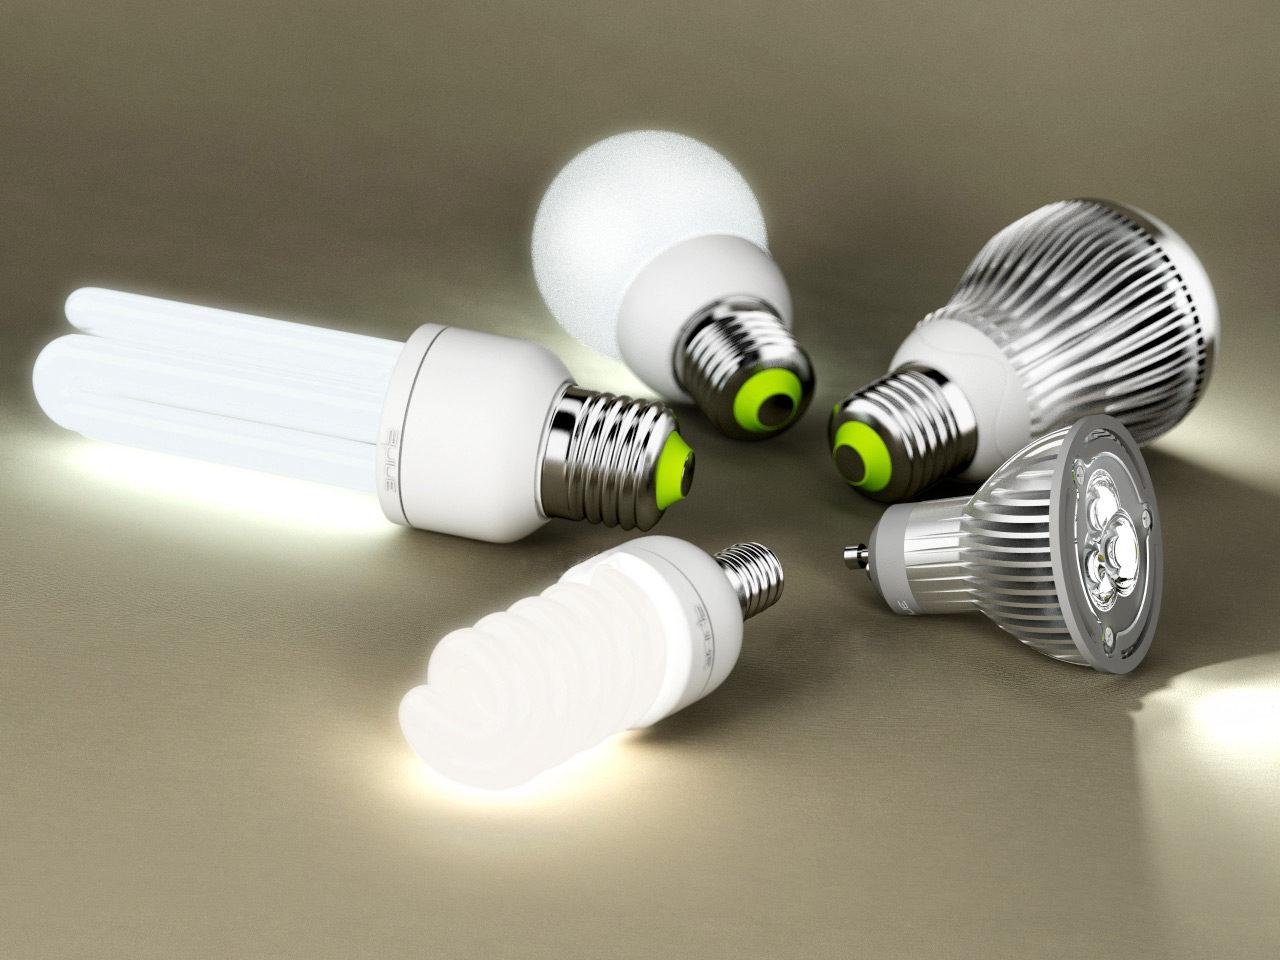 уровень света зависит от лампочки